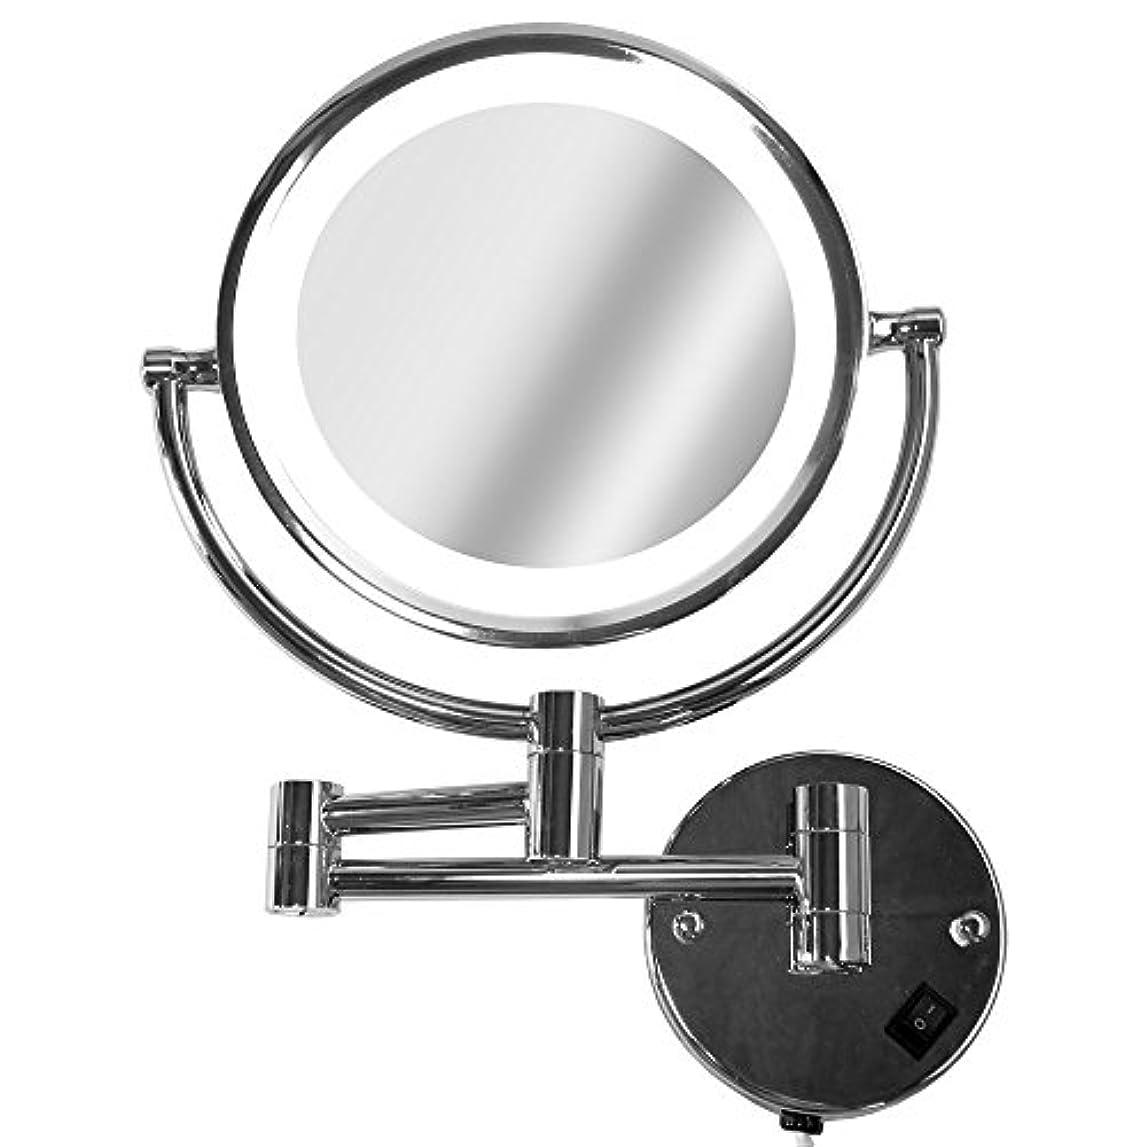 対称意見許可La Curie アームミラー 壁付けミラー 拡大鏡 折りたたみホテルミラー LEDライト付 5倍 LaCurie014